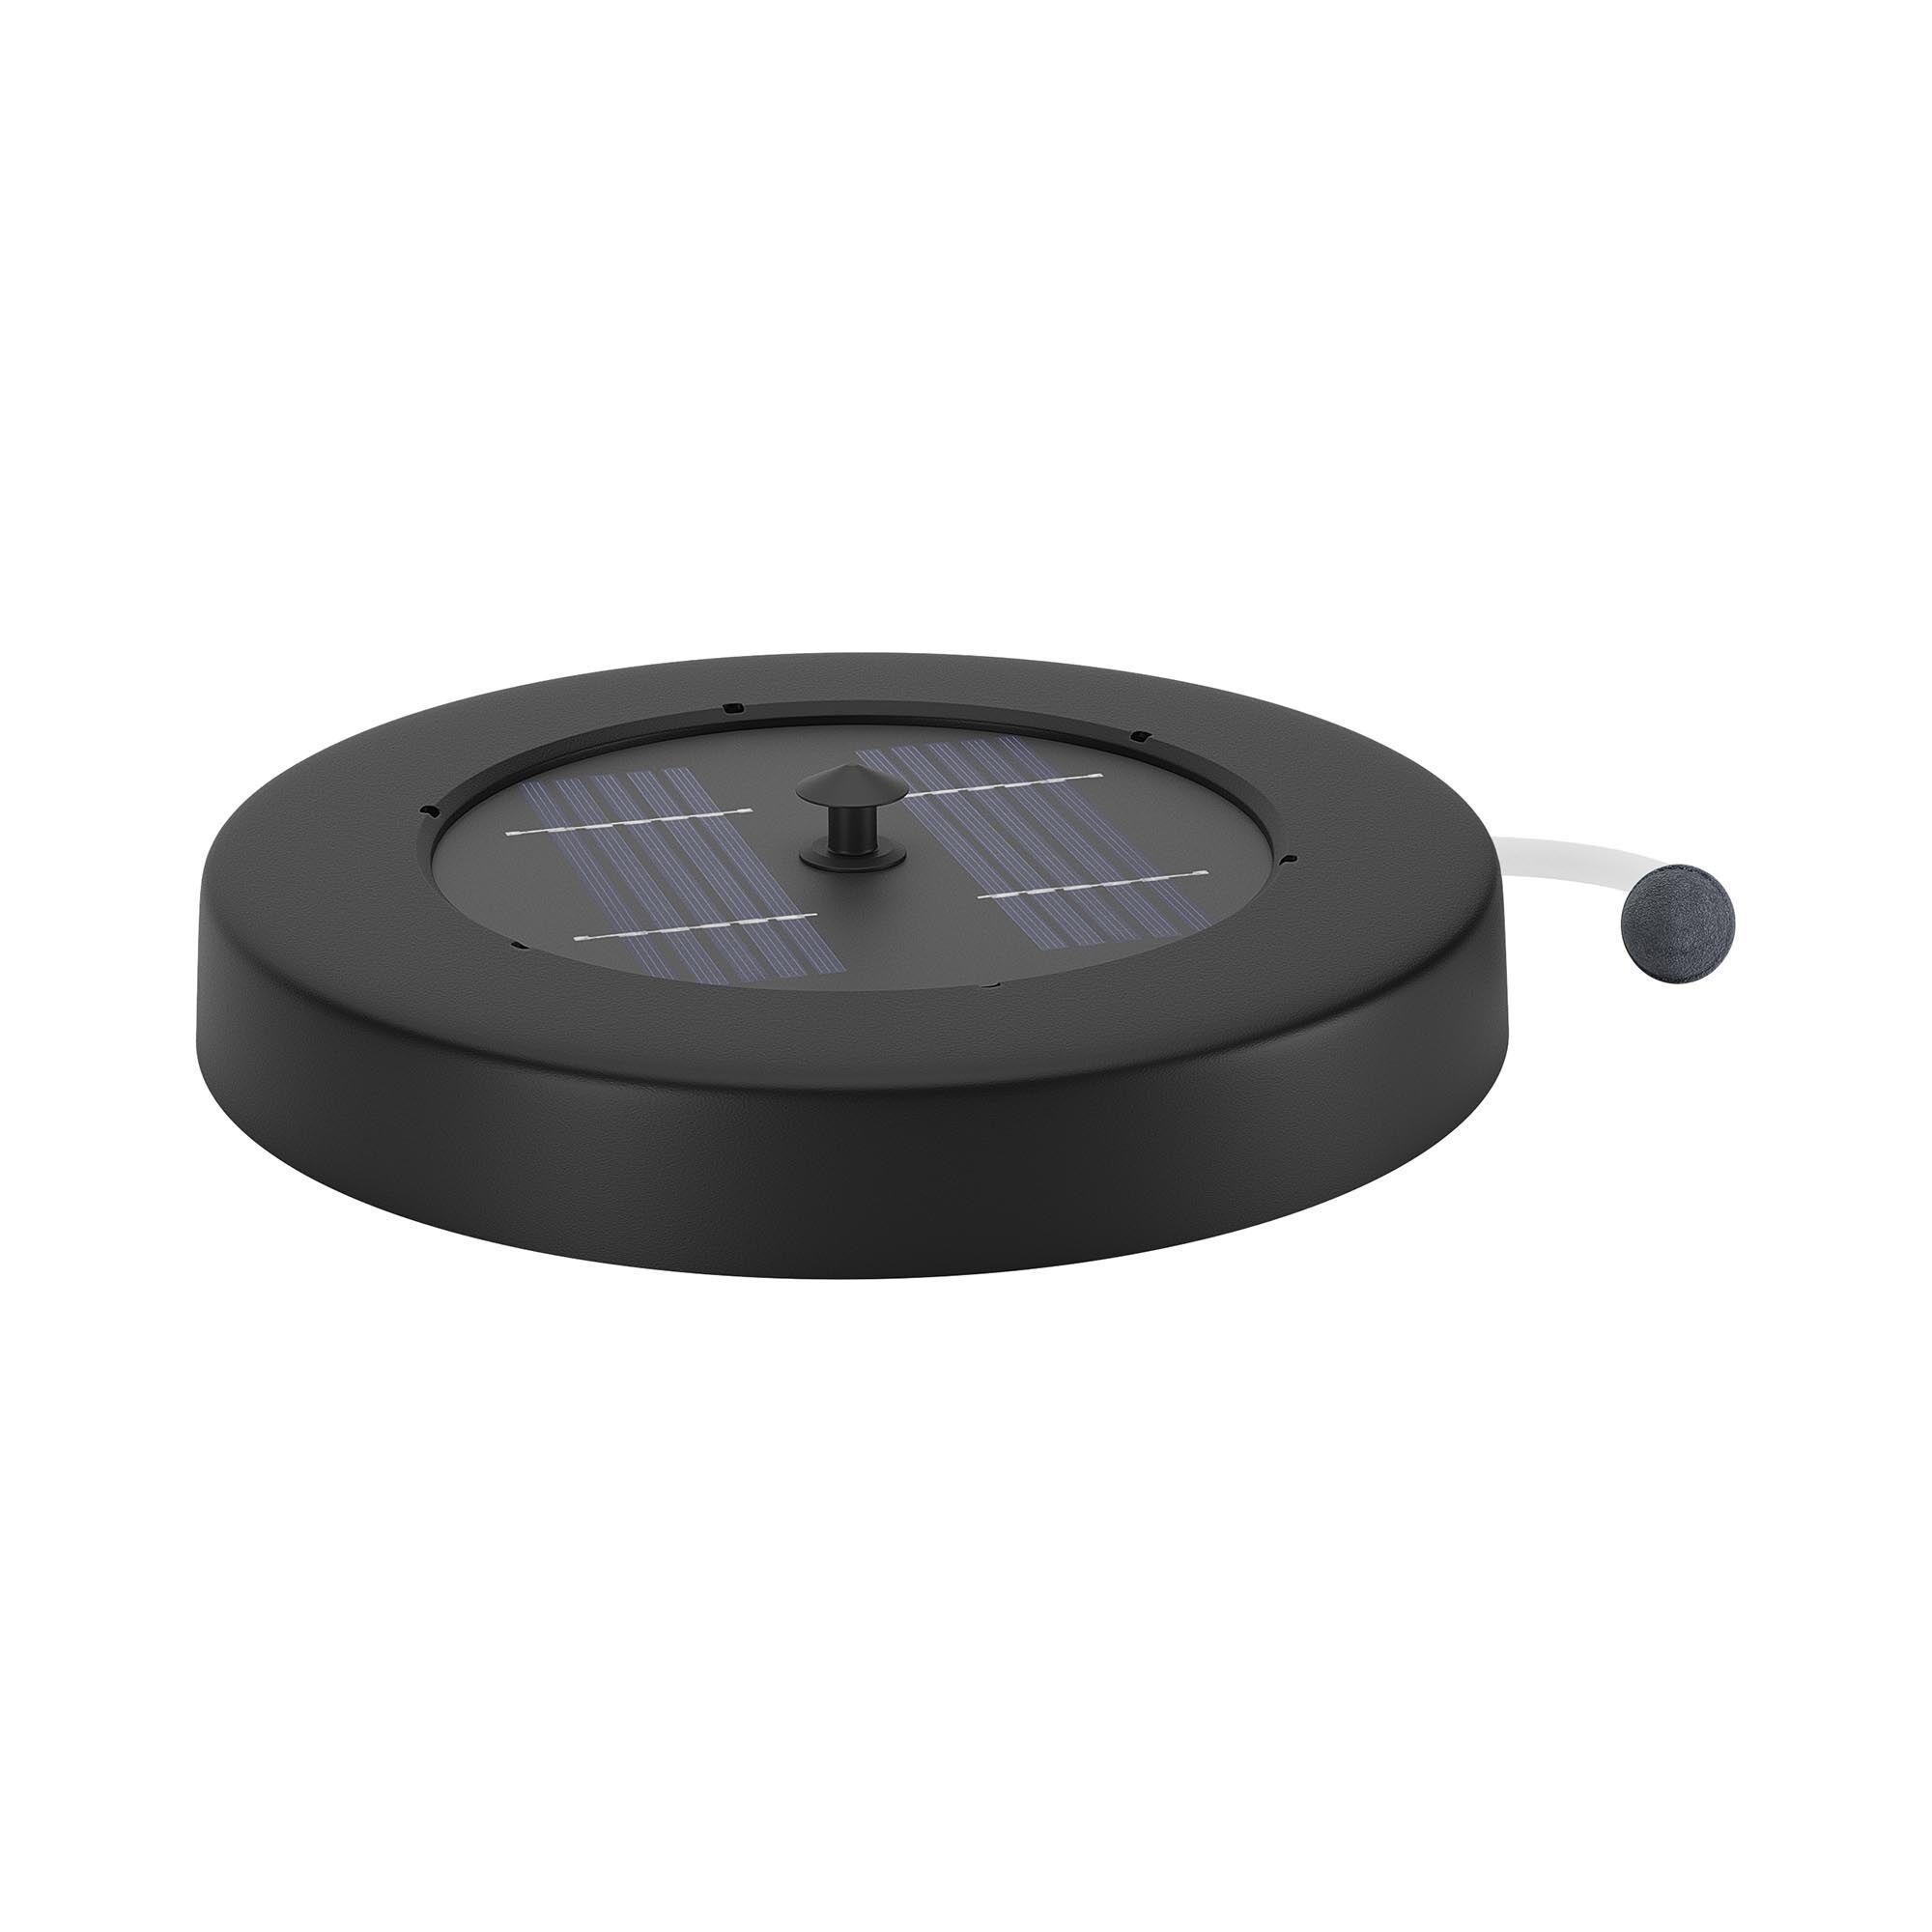 uniprodo pompa laghetto solare - galleggiante - 120 l/h uni_oxygenator_01